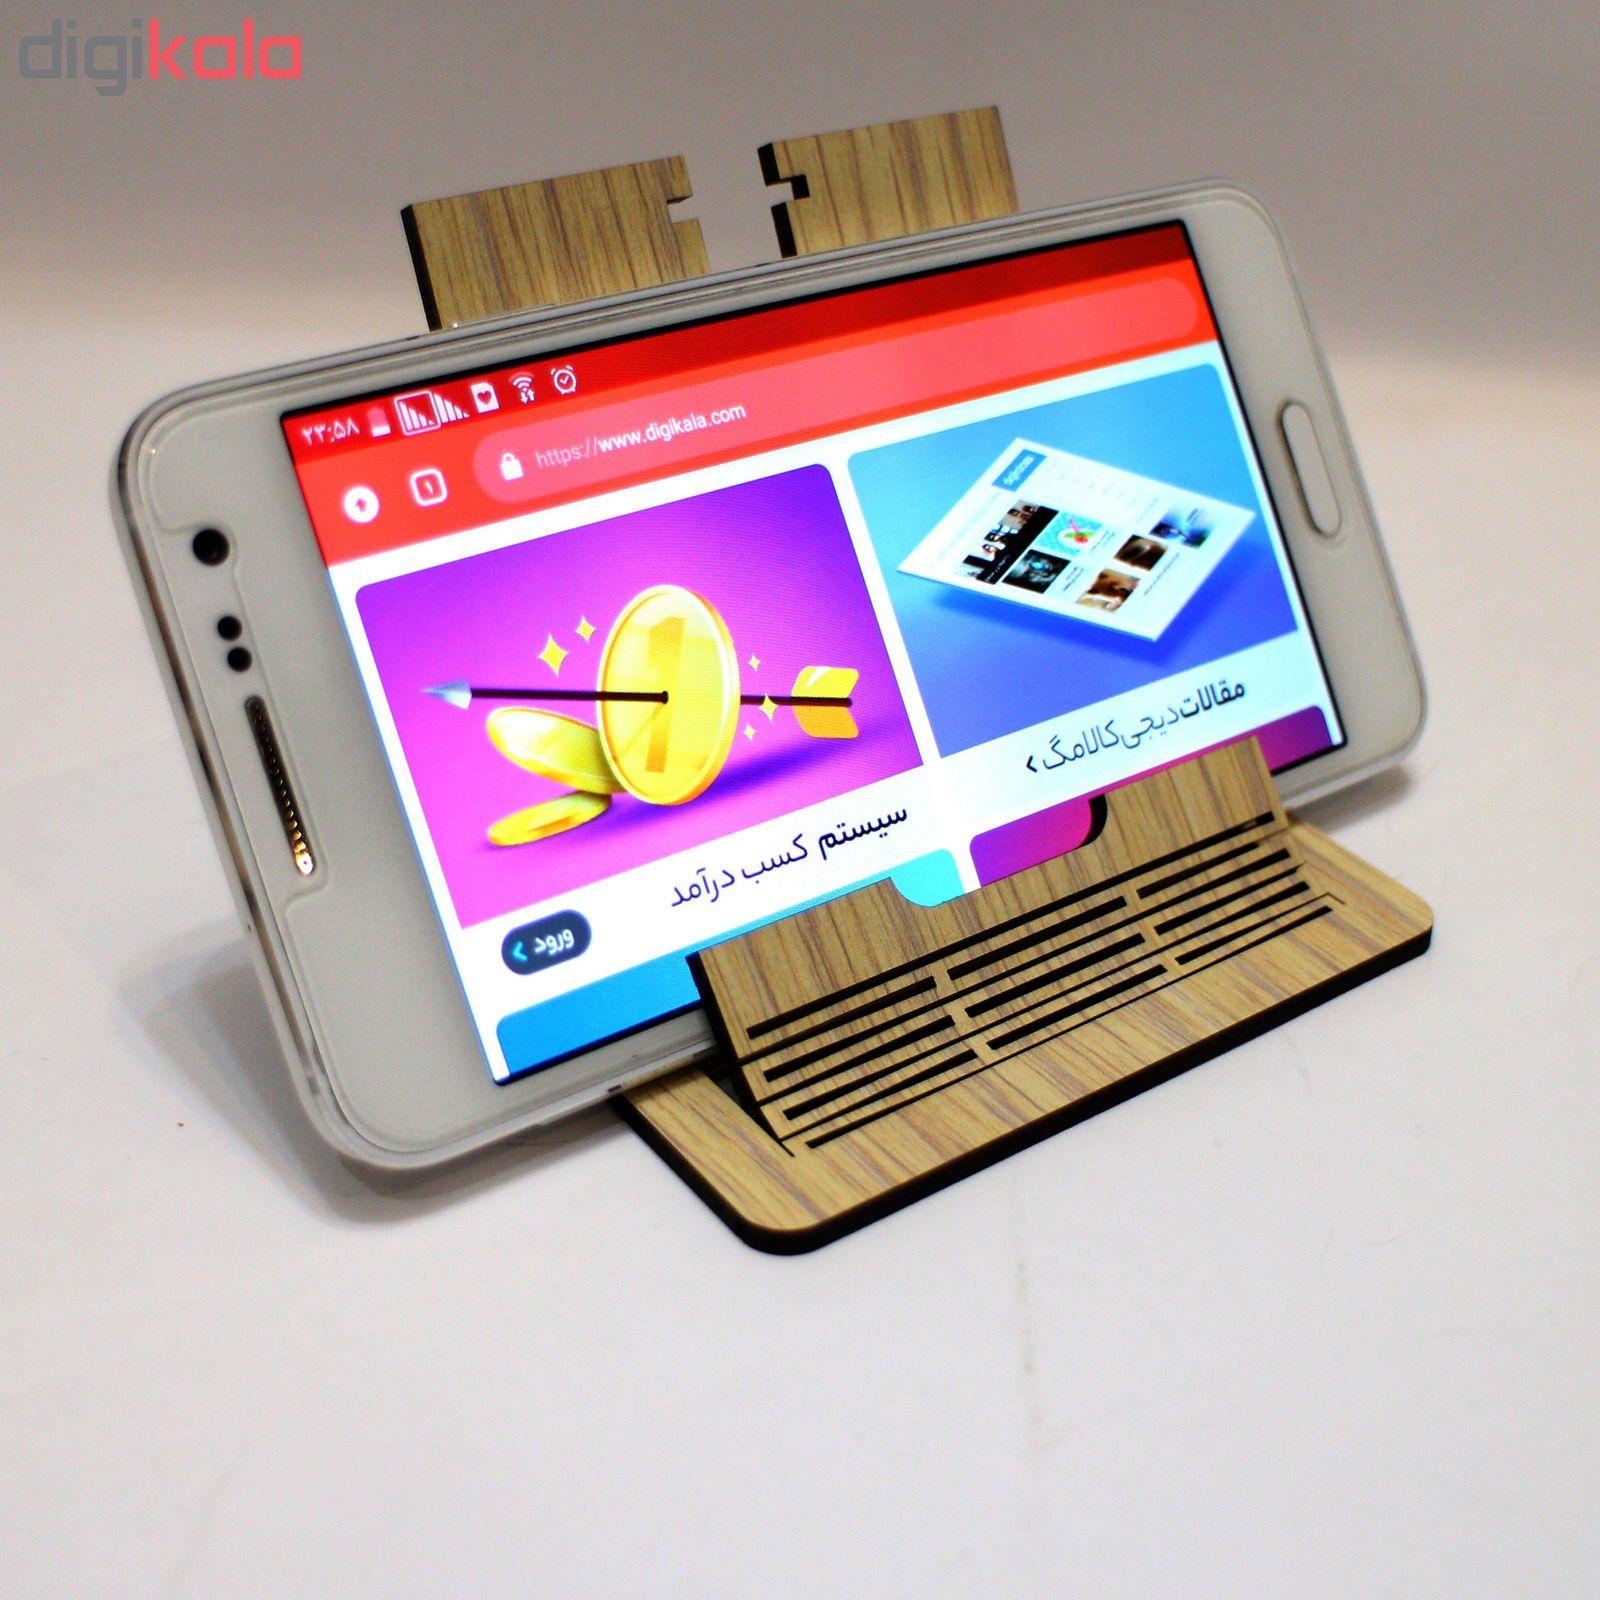 پایه نگهدارنده گوشی موبایل و تبلت وودی کد PS01 main 1 4